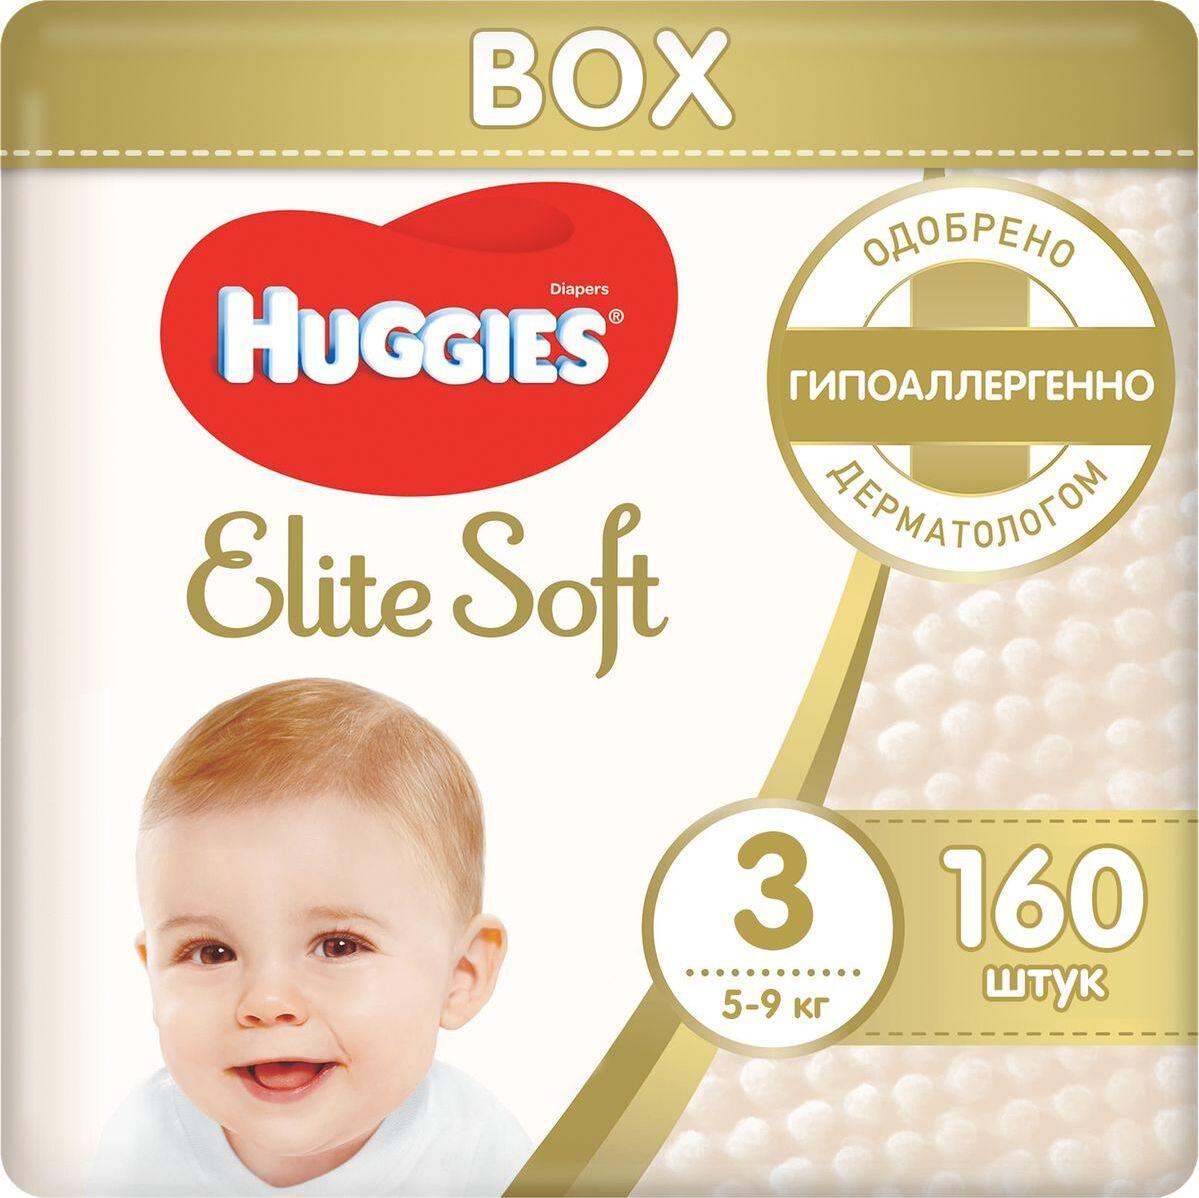 Huggies Подгузники Elite Soft 5-9 кг (размер 3) 160 шт #1